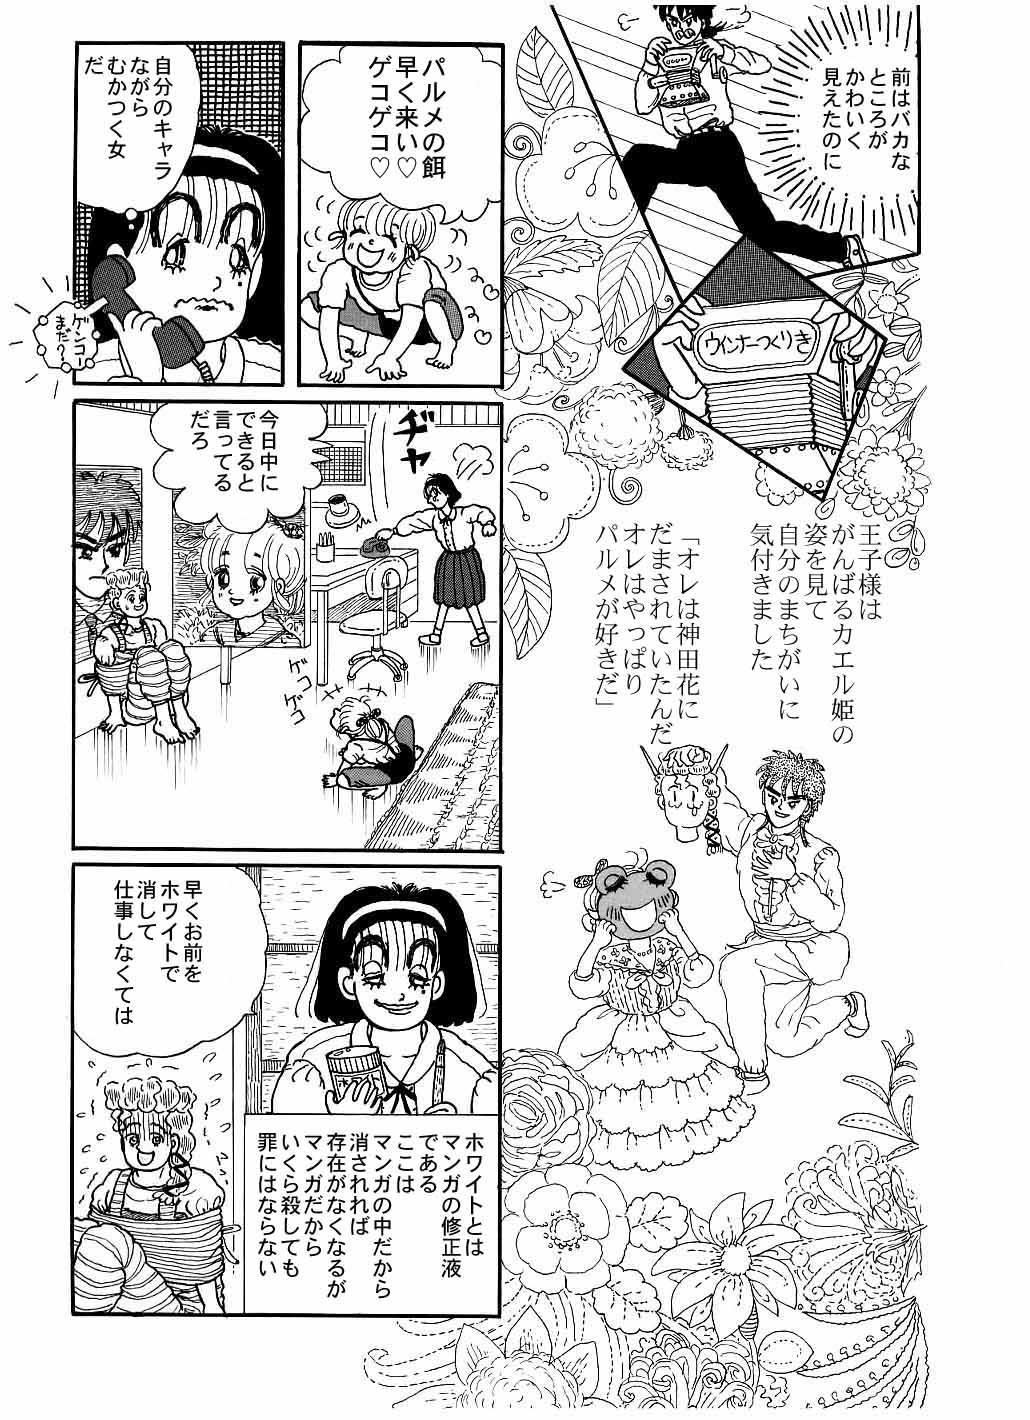 ホラー漫画画像21_20110122033729.jpg